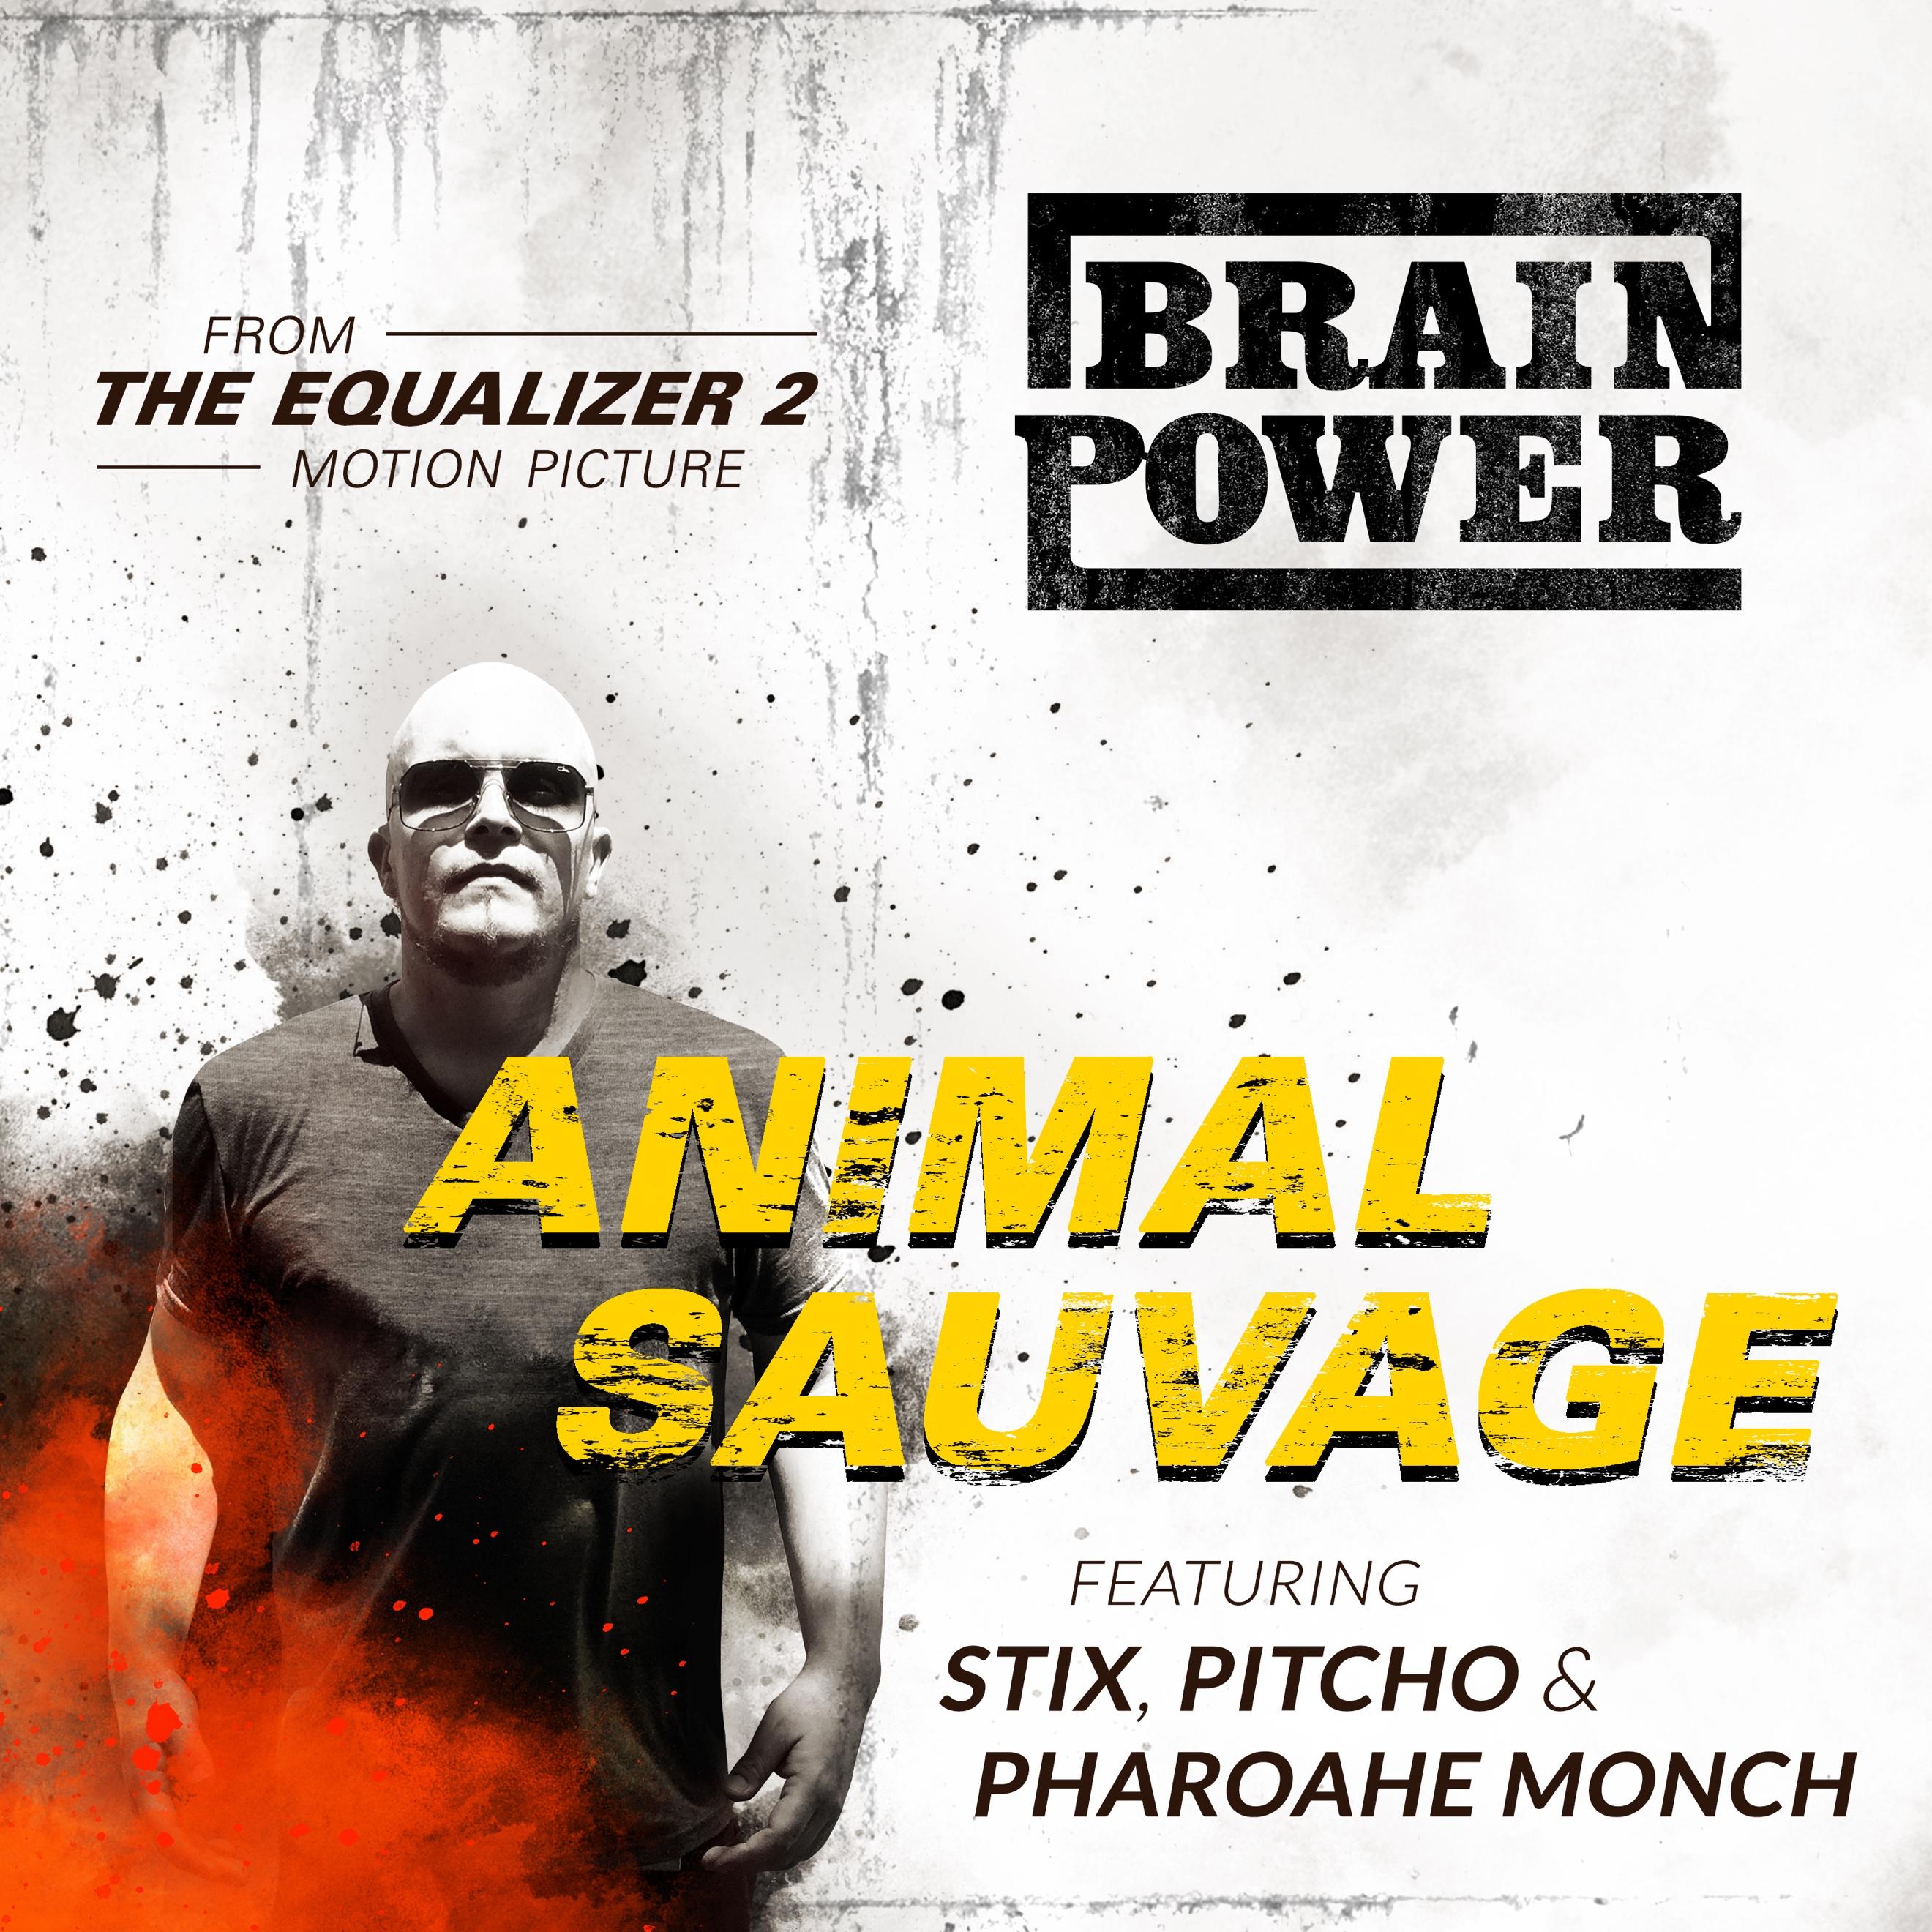 Animal Sauvage